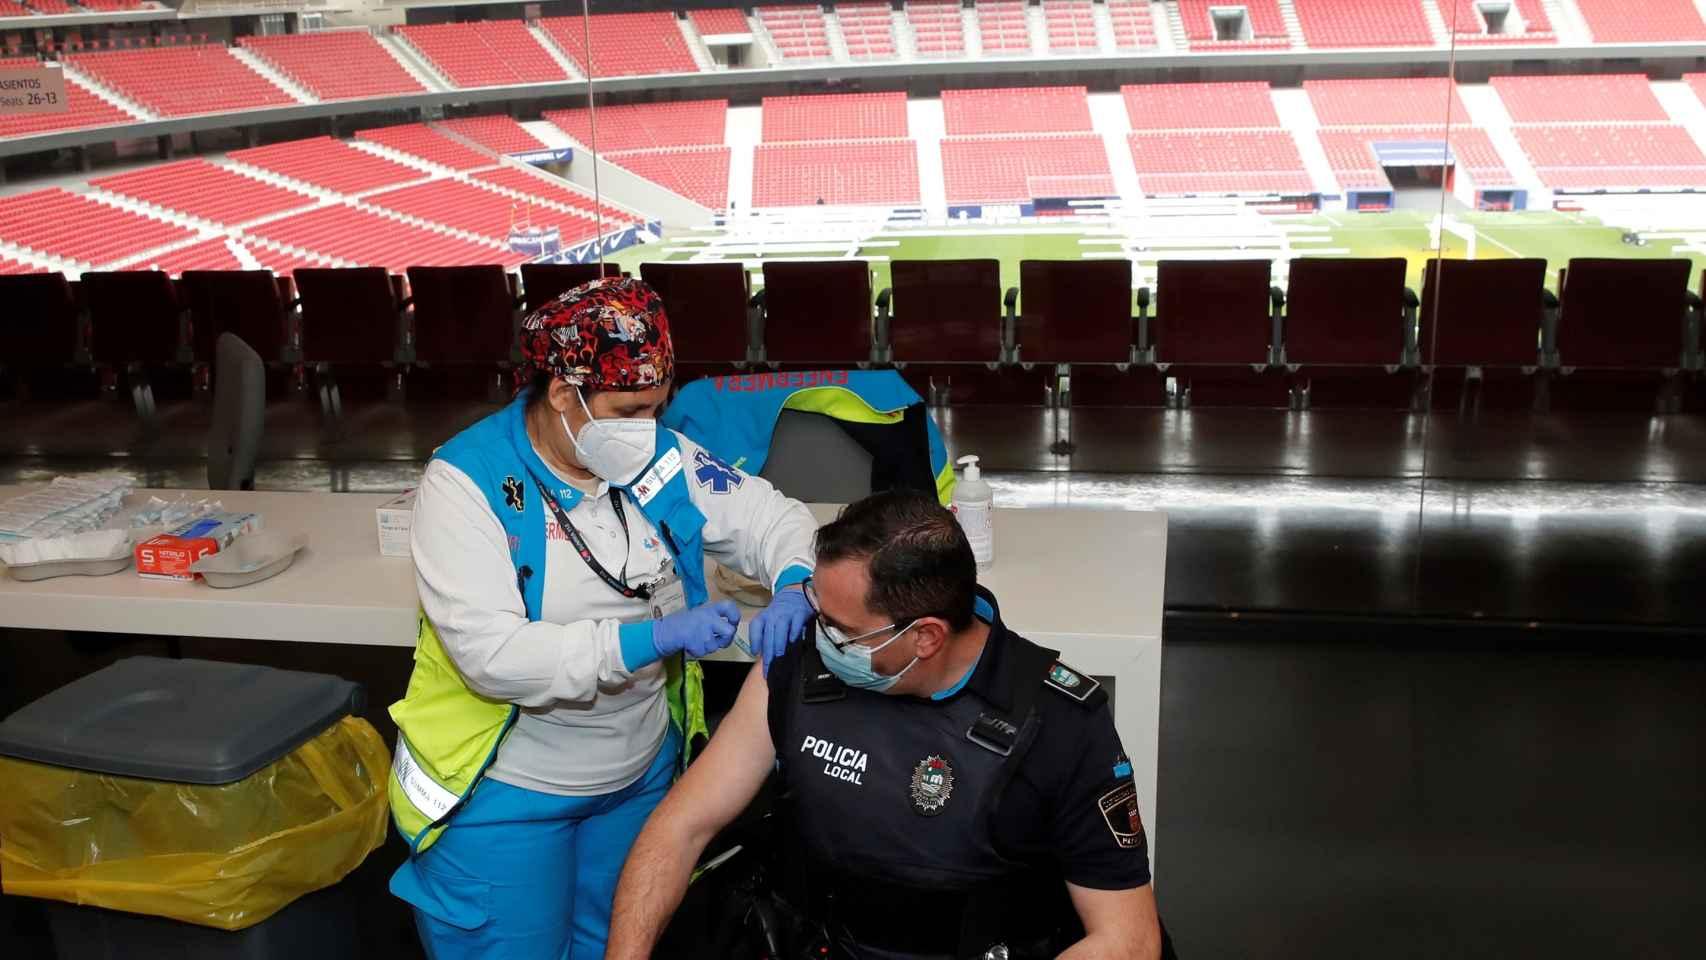 Los primeros colectivos vacunados contra la Covid-19 en el Wanda Metropolitano